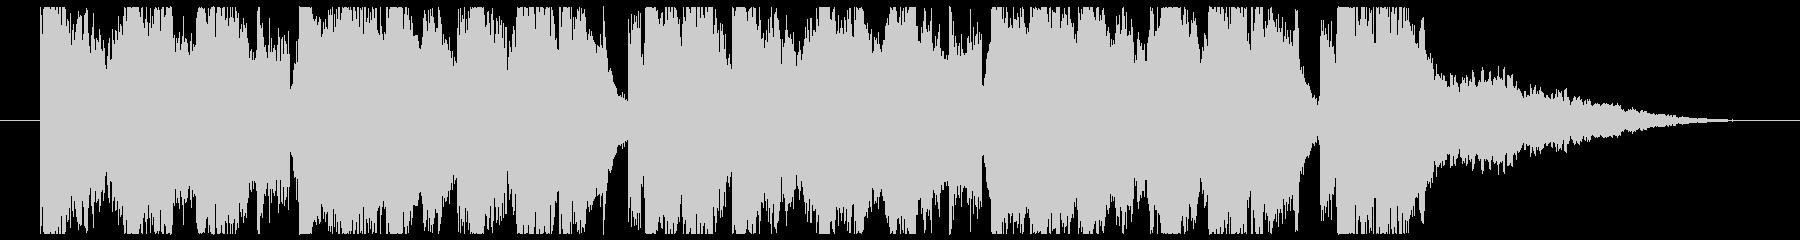 ストリングスCM15秒 大人のムード演出の未再生の波形